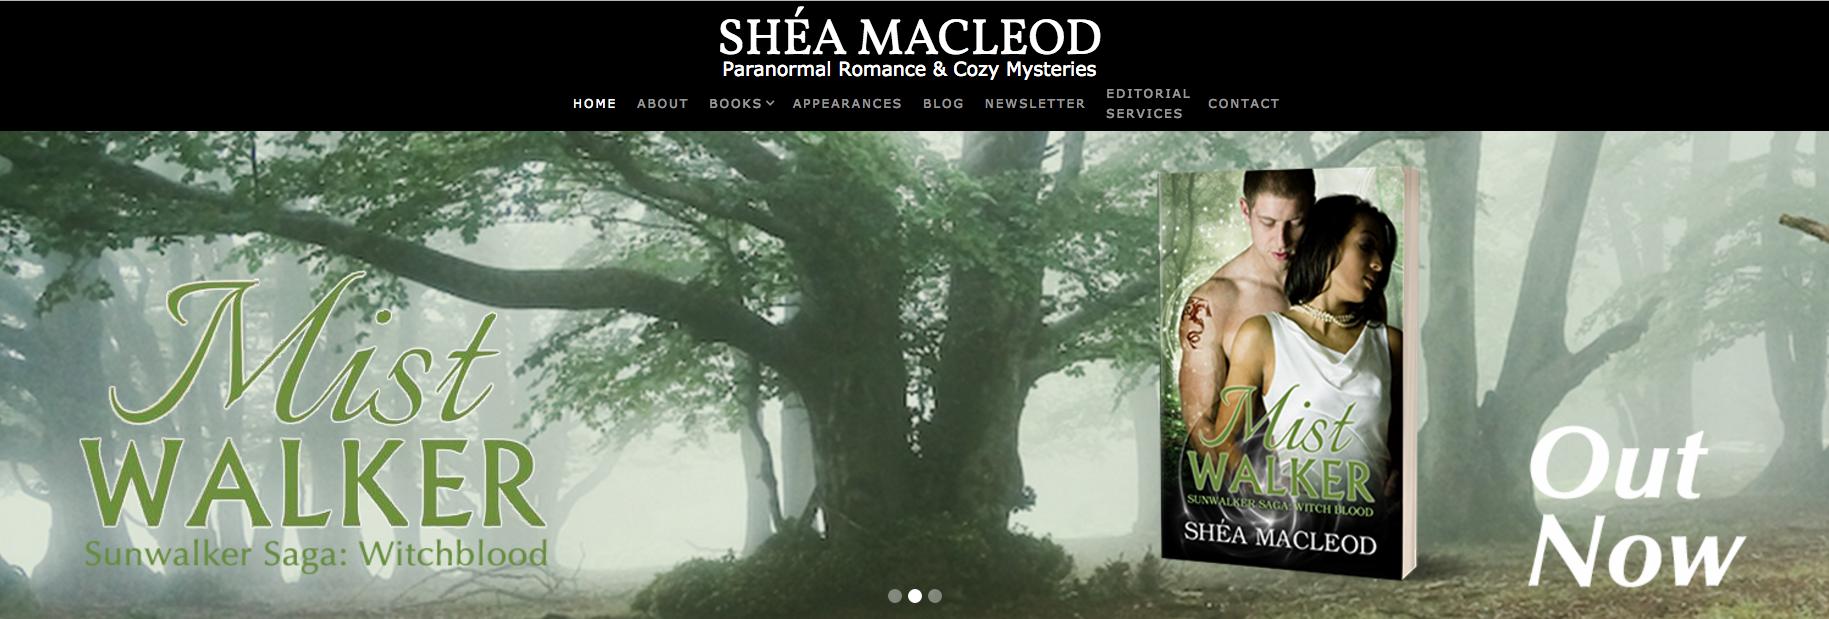 Shéa MacLeod   Menu & Top Banner